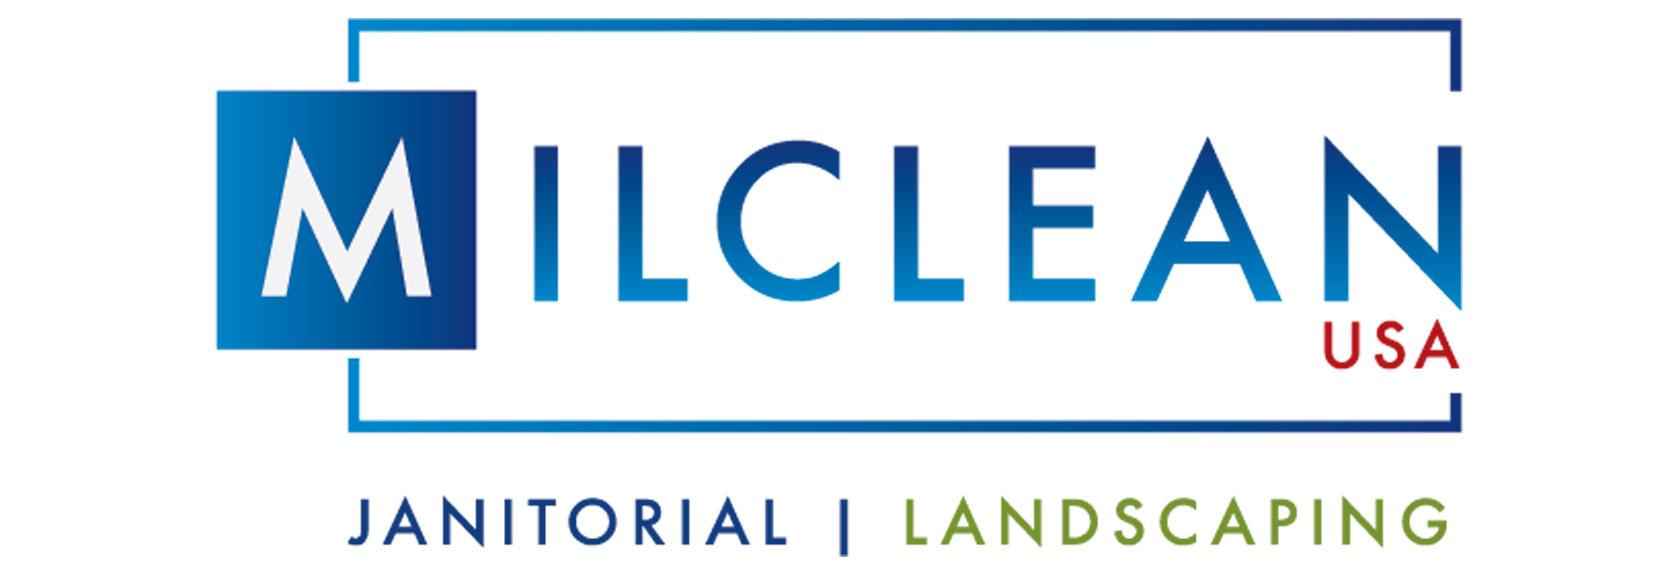 Banner Milclean Estados Unidos